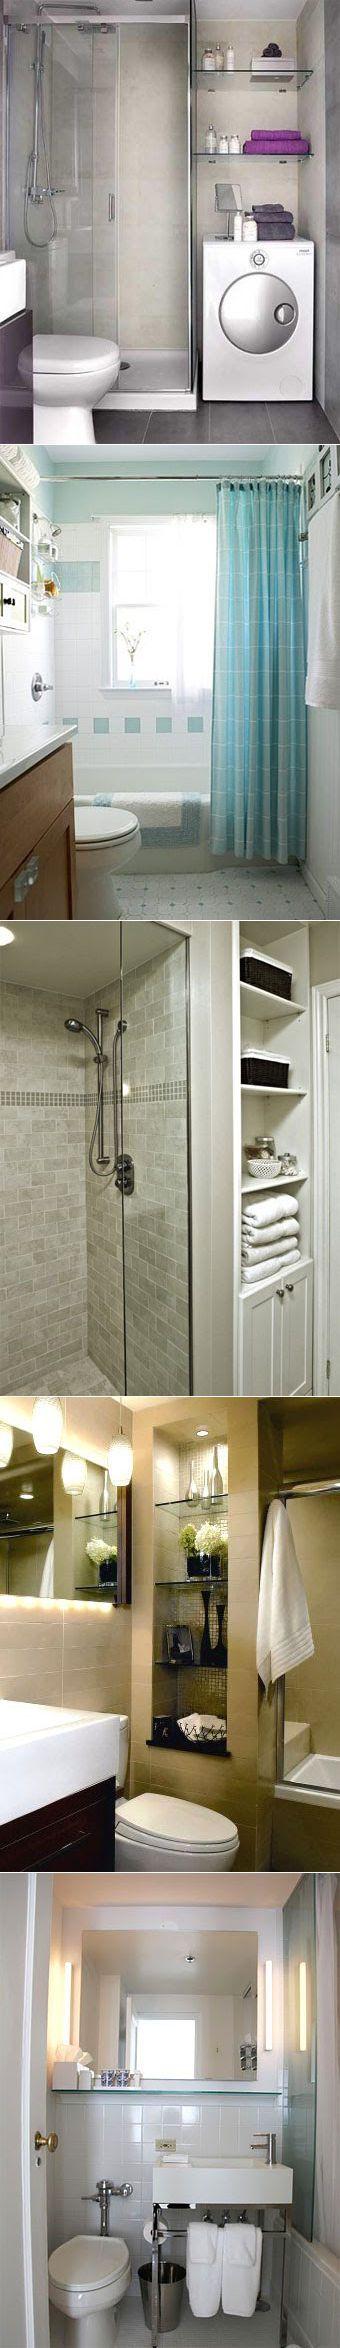 Советы для маленькой ванной комнаты   УЮТНЫЙ ДОМ   советы